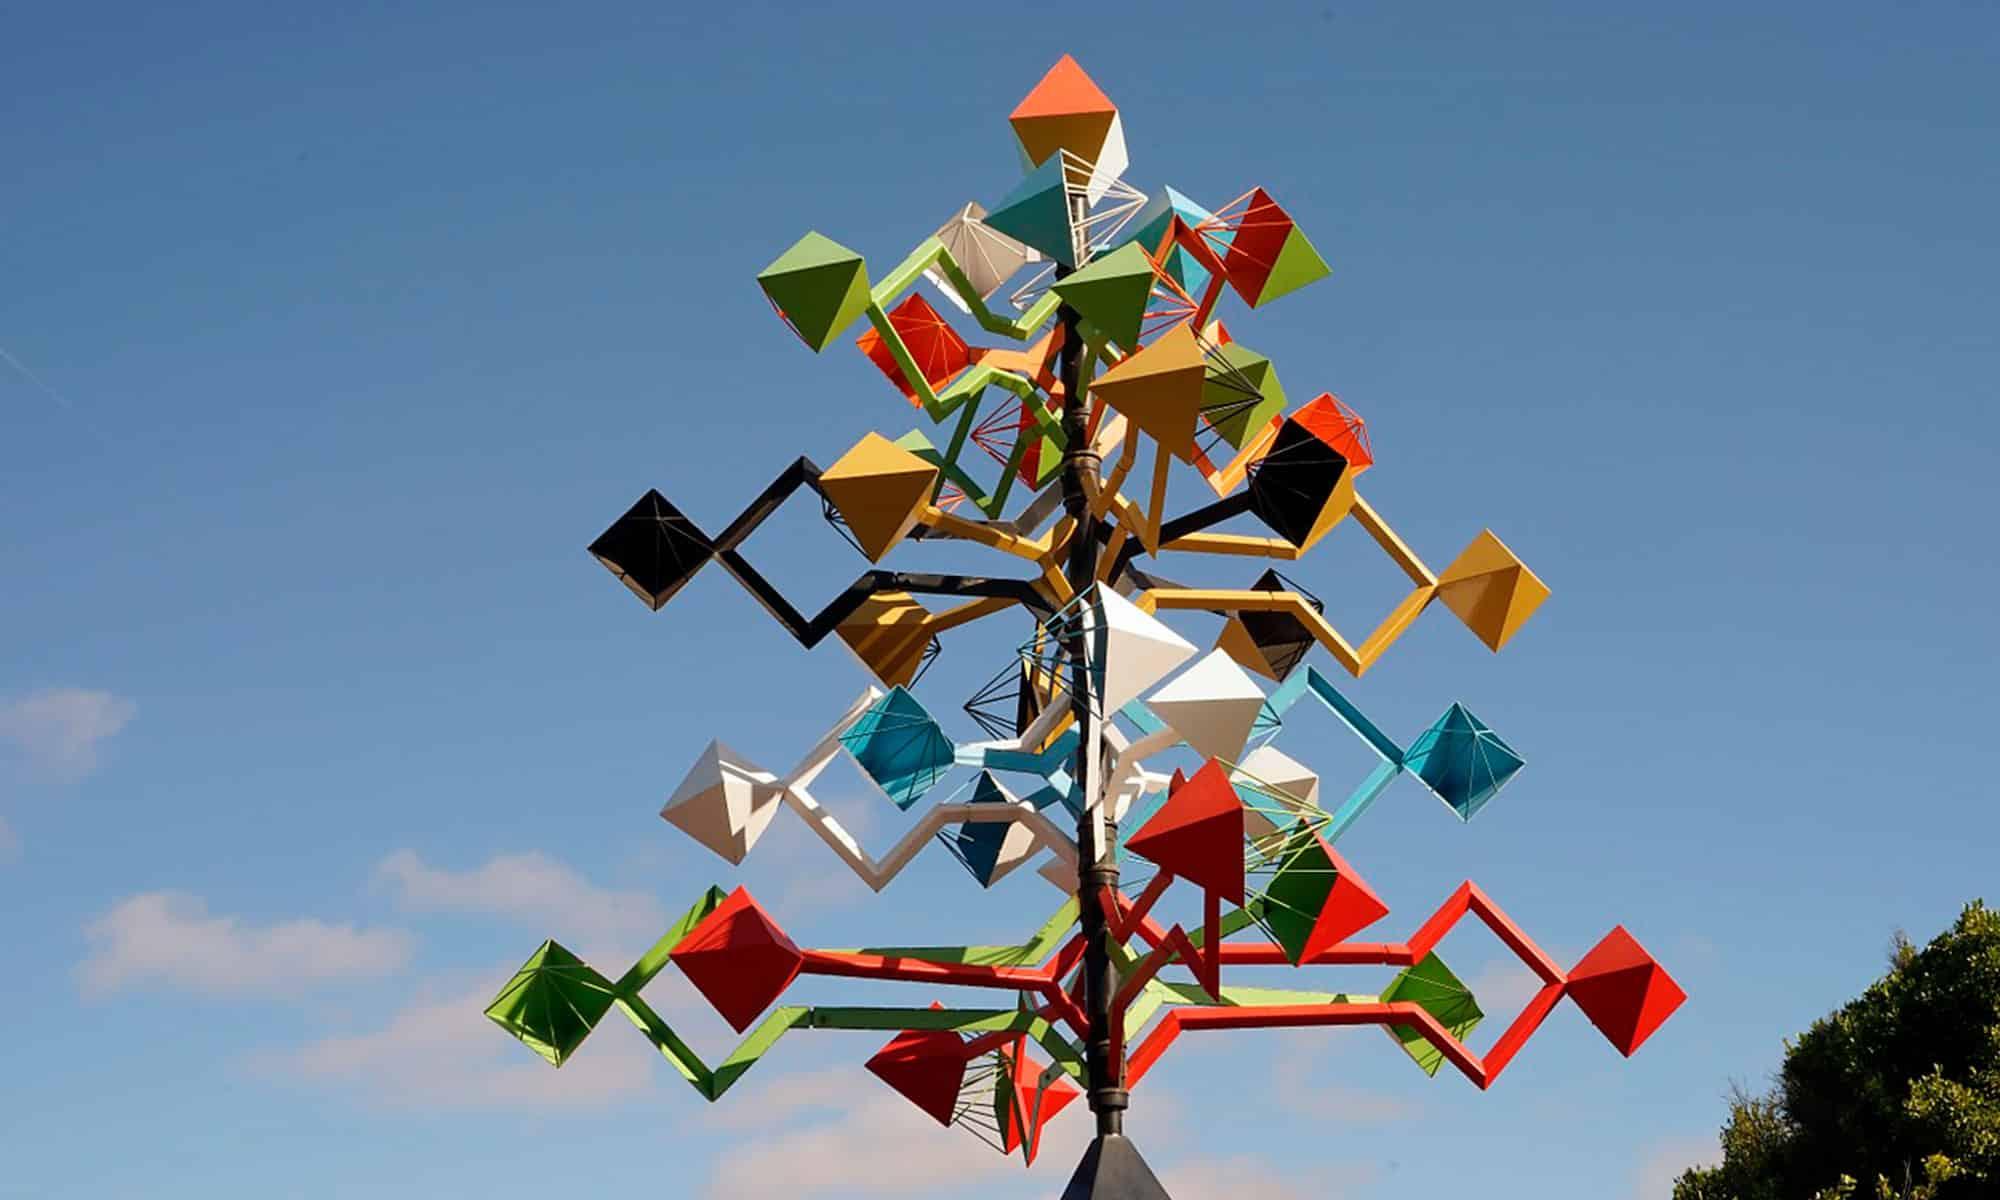 Escultura arquitecto lanzarote | Molins Design interioristas